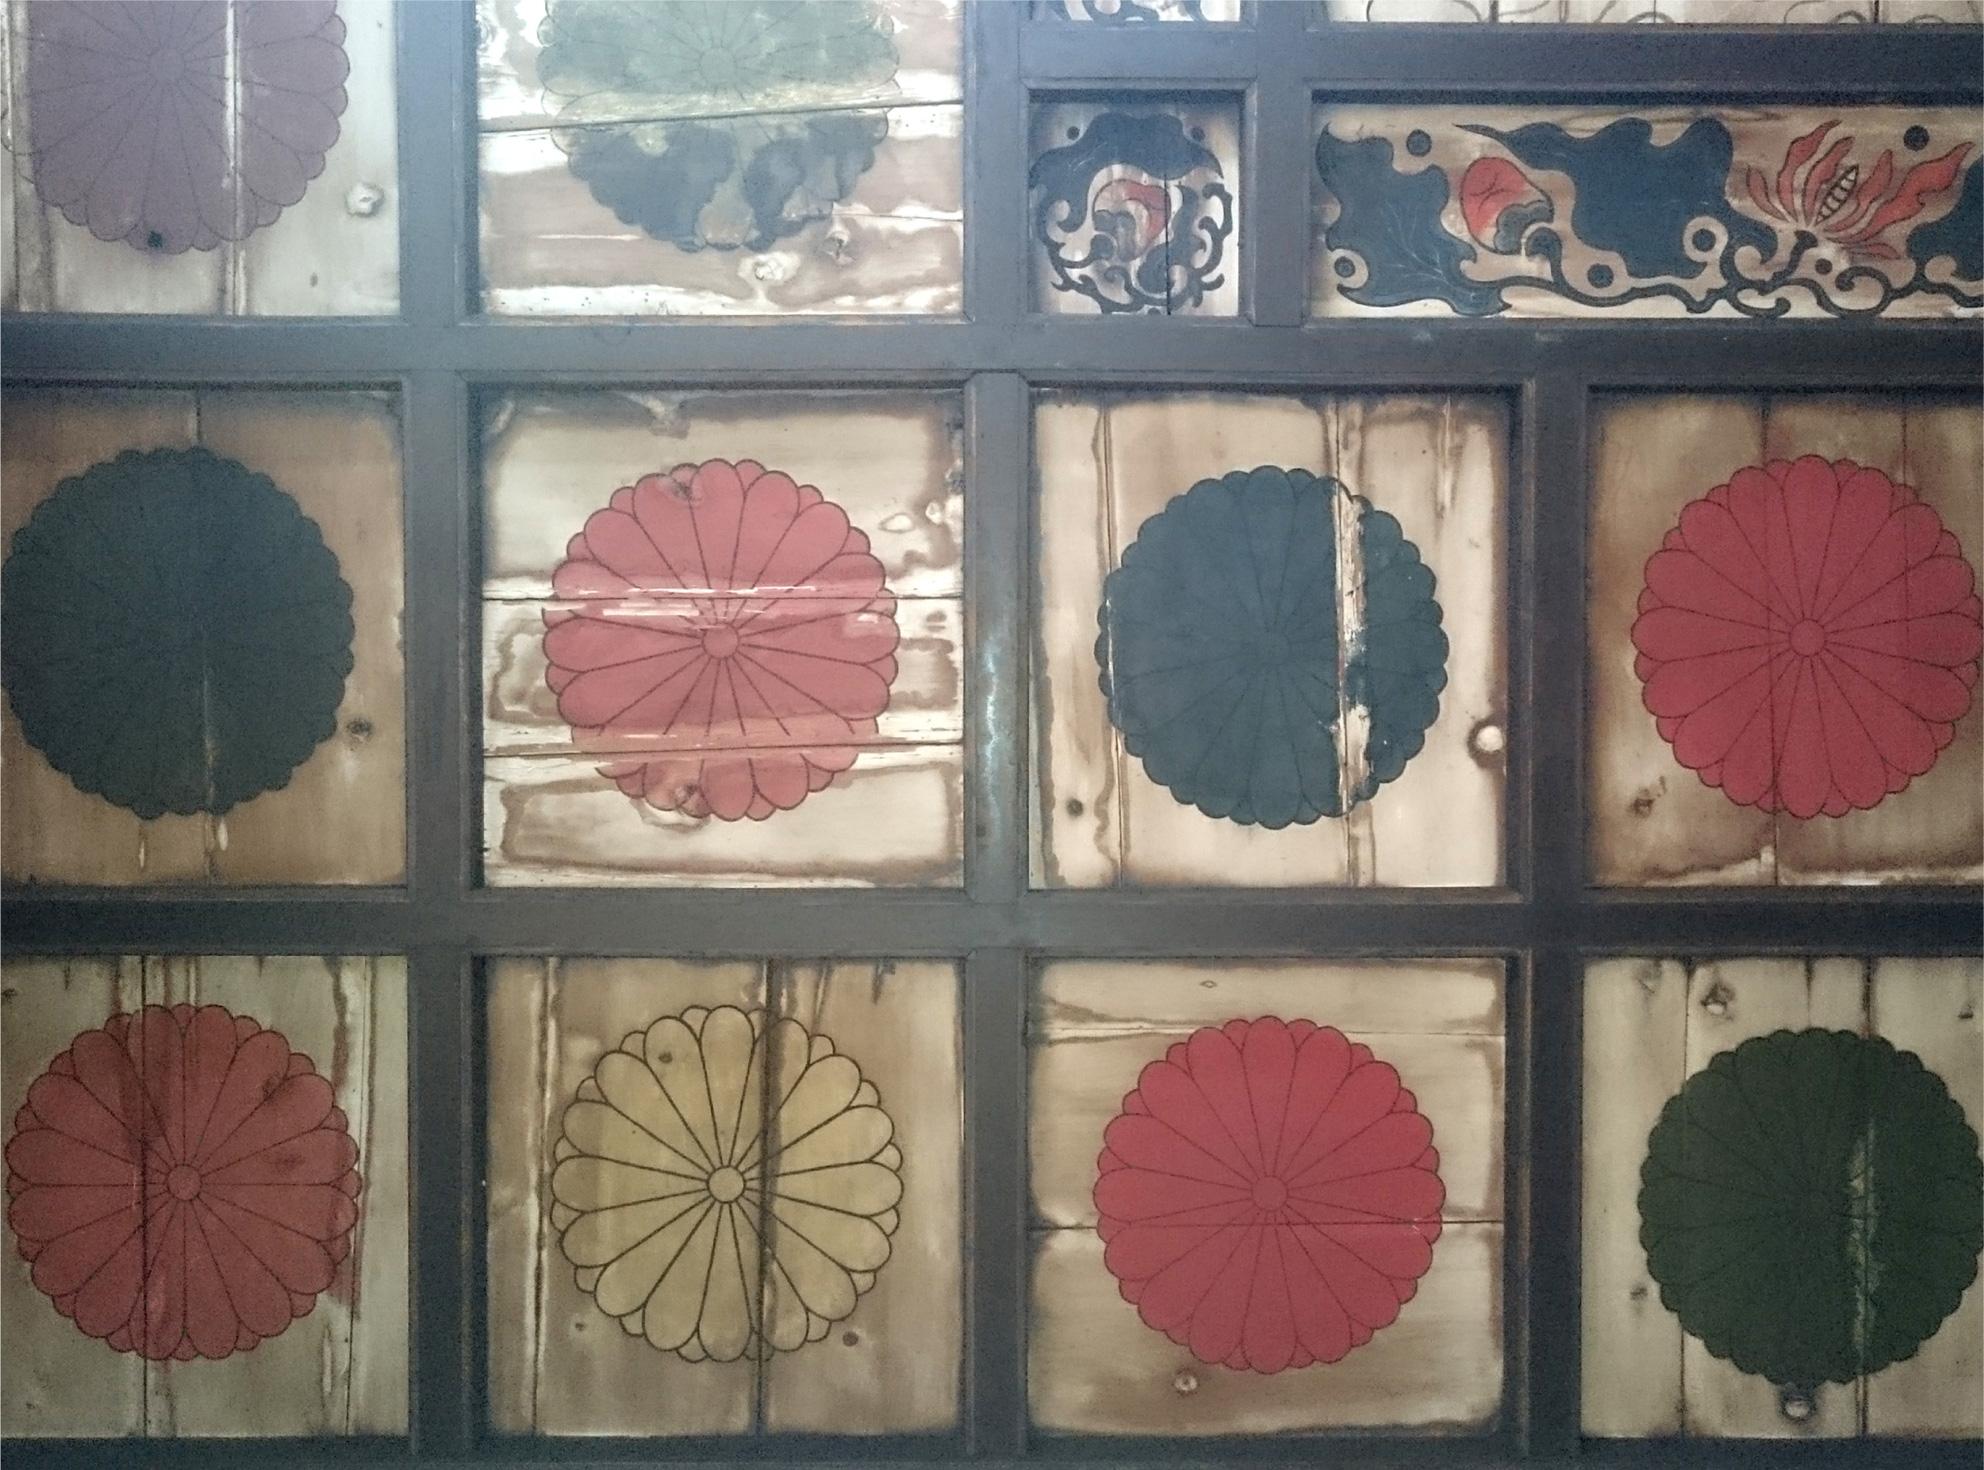 天井の菊花紋